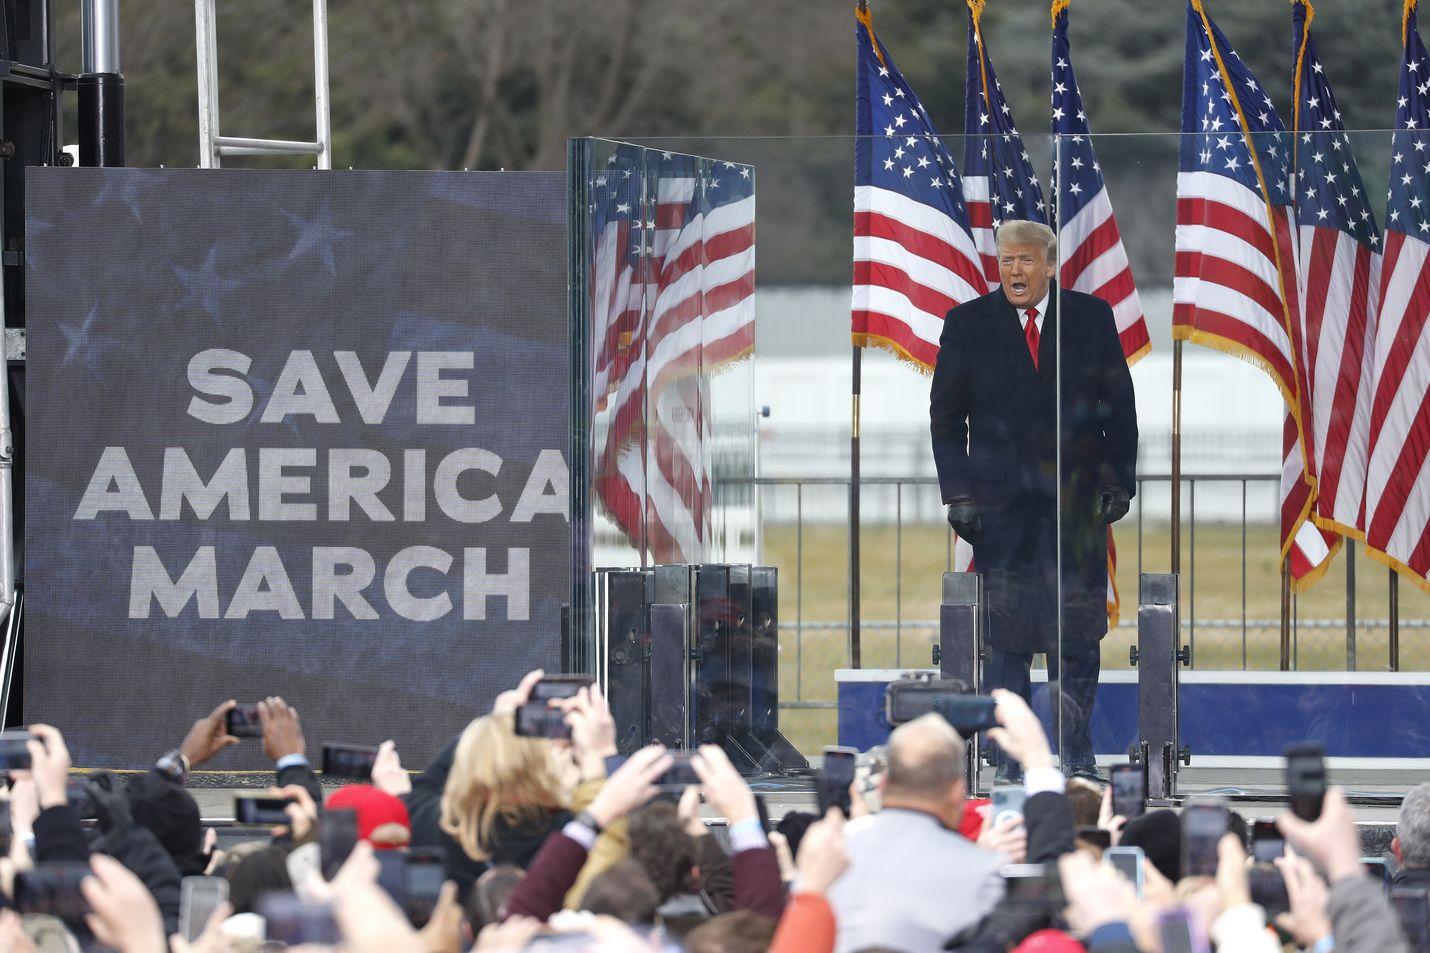 Donald Trump puhui kannattajilleen viime keskiviikkona Valkoisen talon lähellä ennen kuin mellakoitsijat tunkeutuivat kongressirakennukseen.